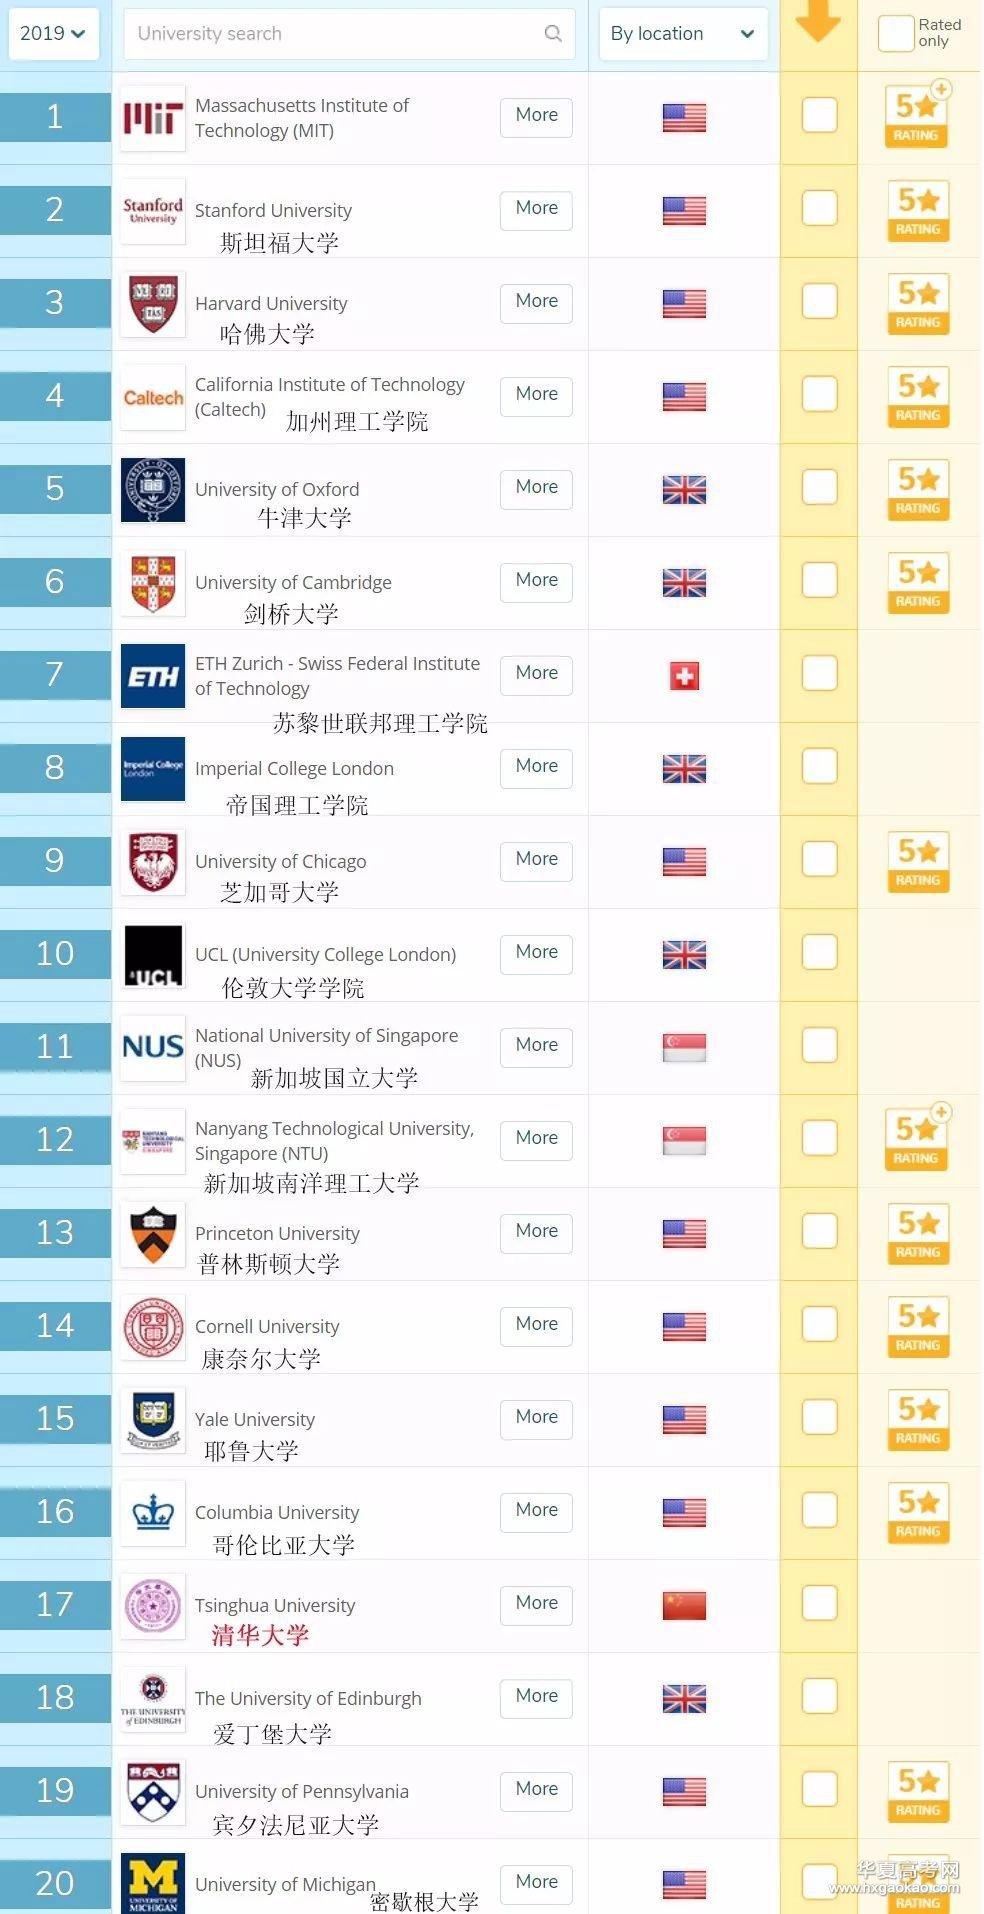 2019年全球大学排行_2019年世界十大权威大学排名报告发布,中国891所高校